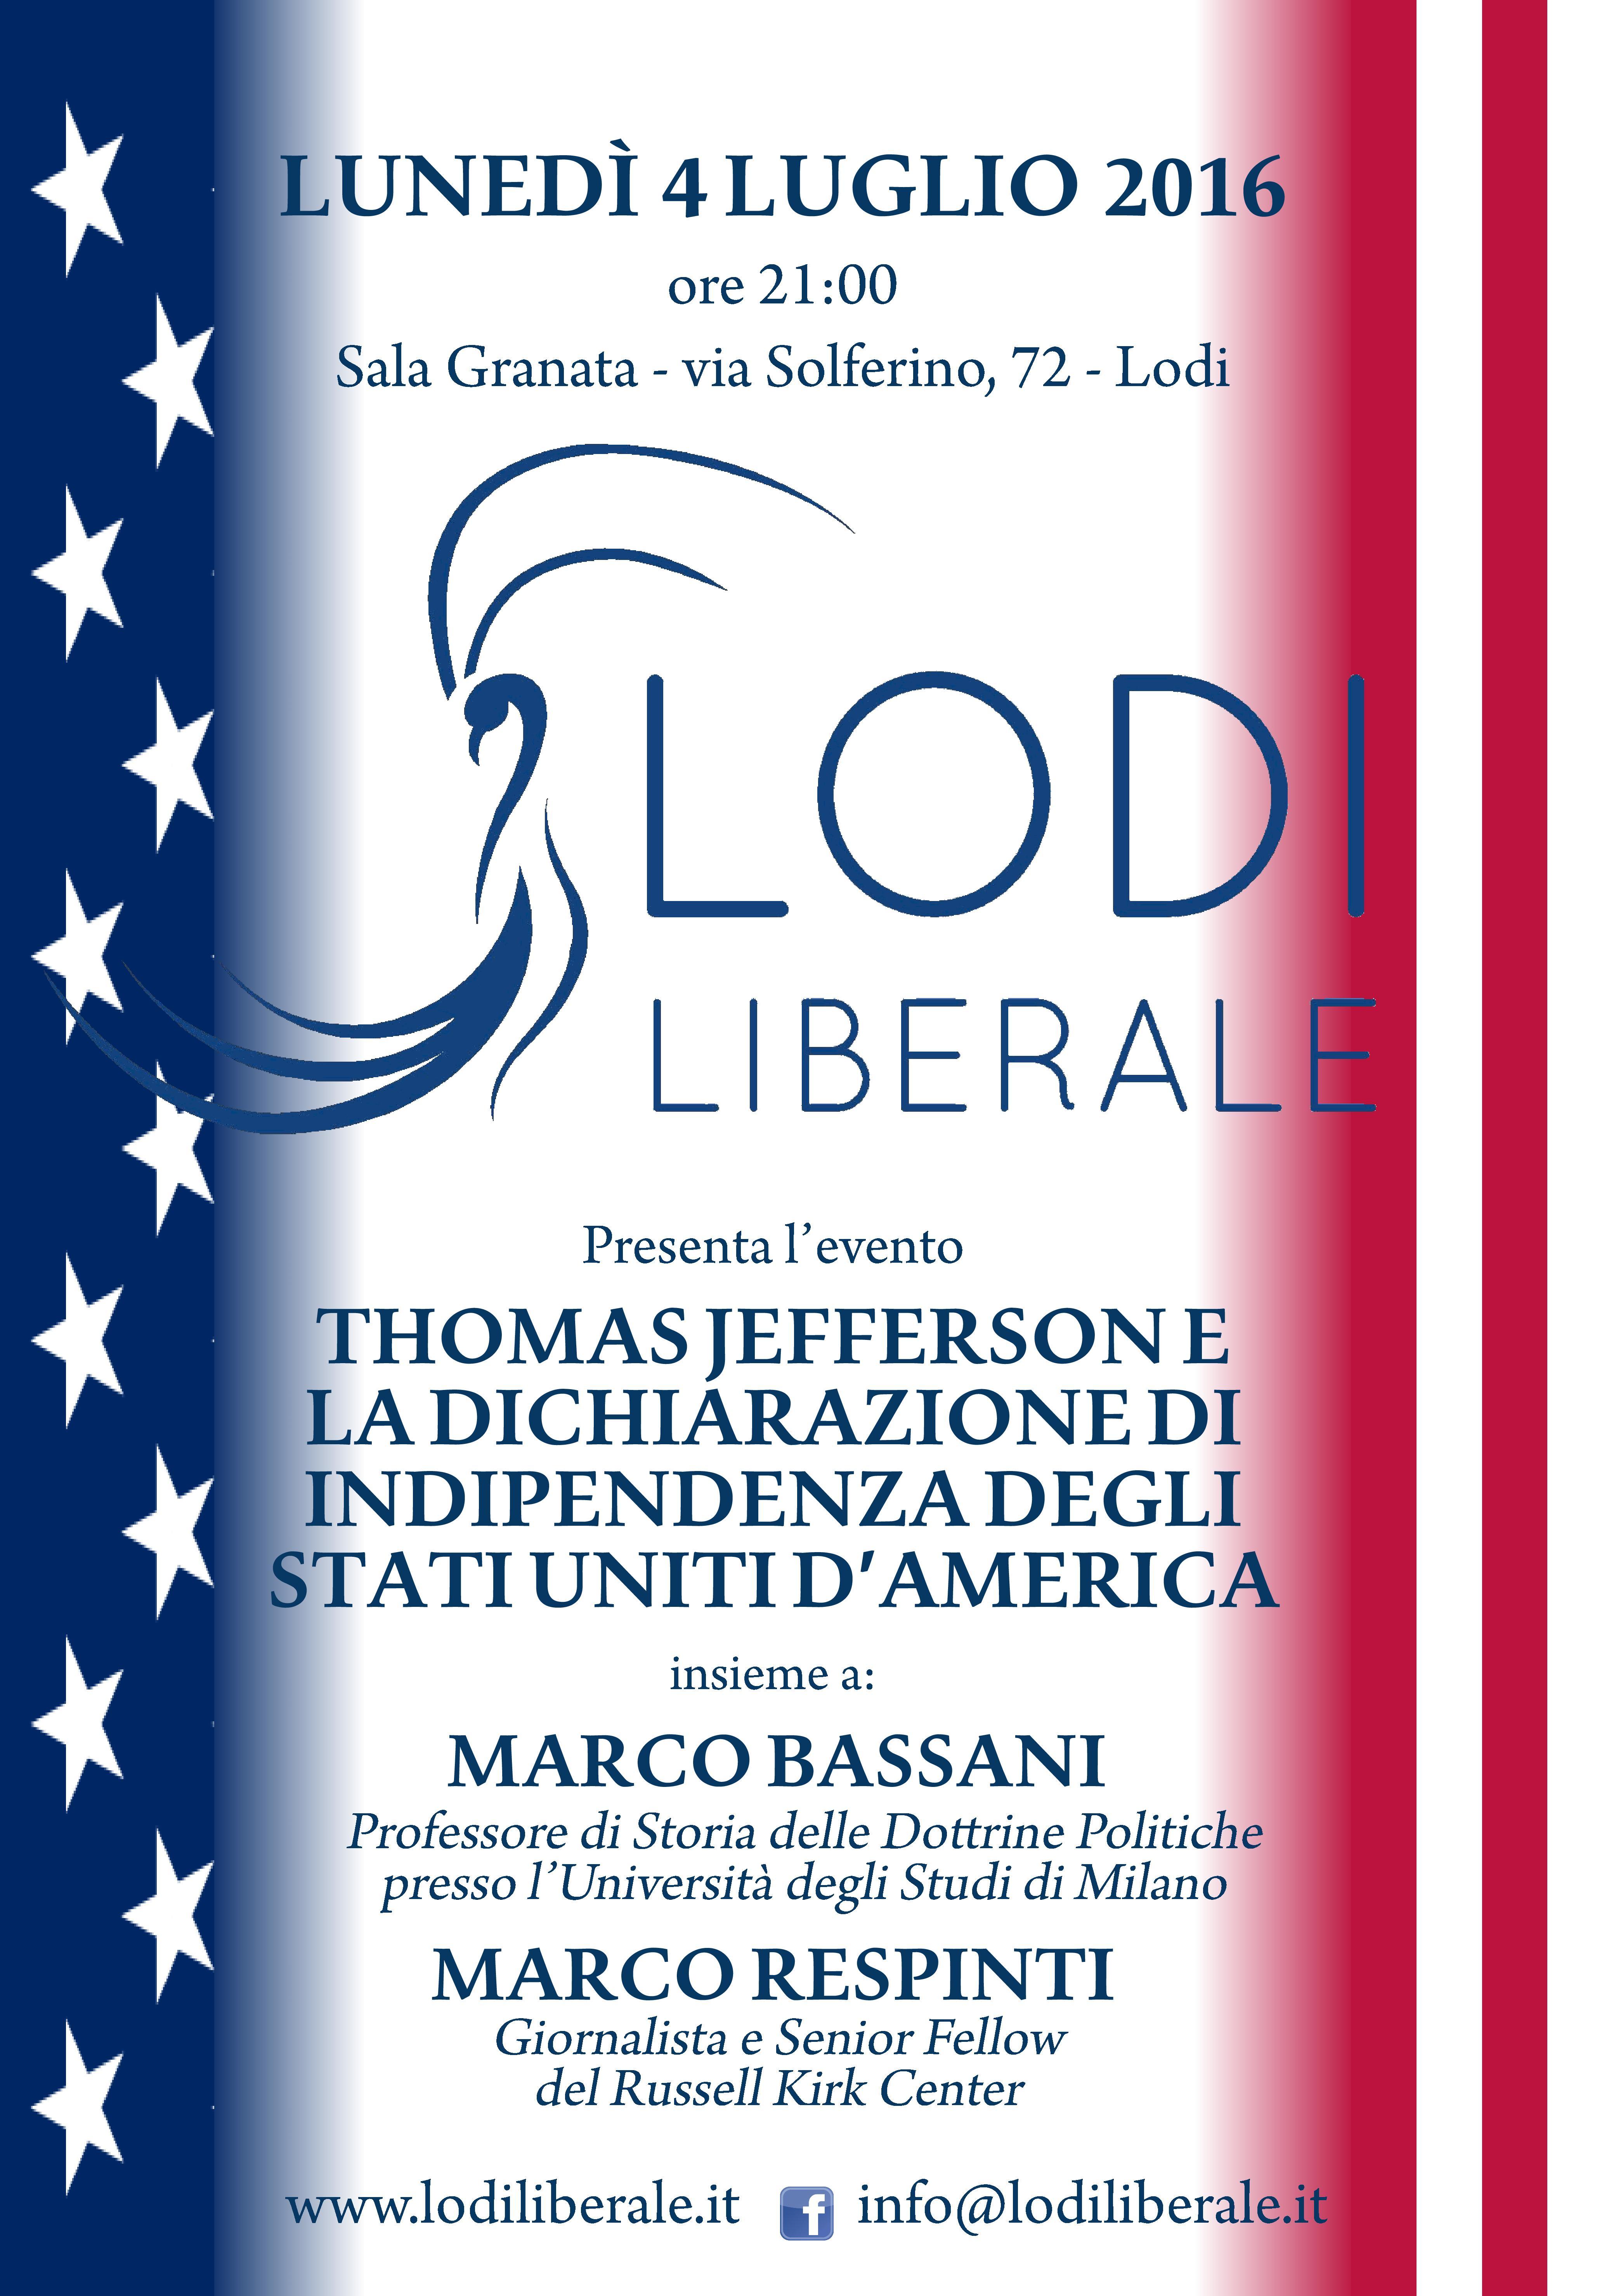 Associazione Lodi Liberale - Thomas Jefferson e la dichiarazione d'indipendenza degli Stati Uniti d'America Marco Bassani e Marco Respinti Montini e Maggi